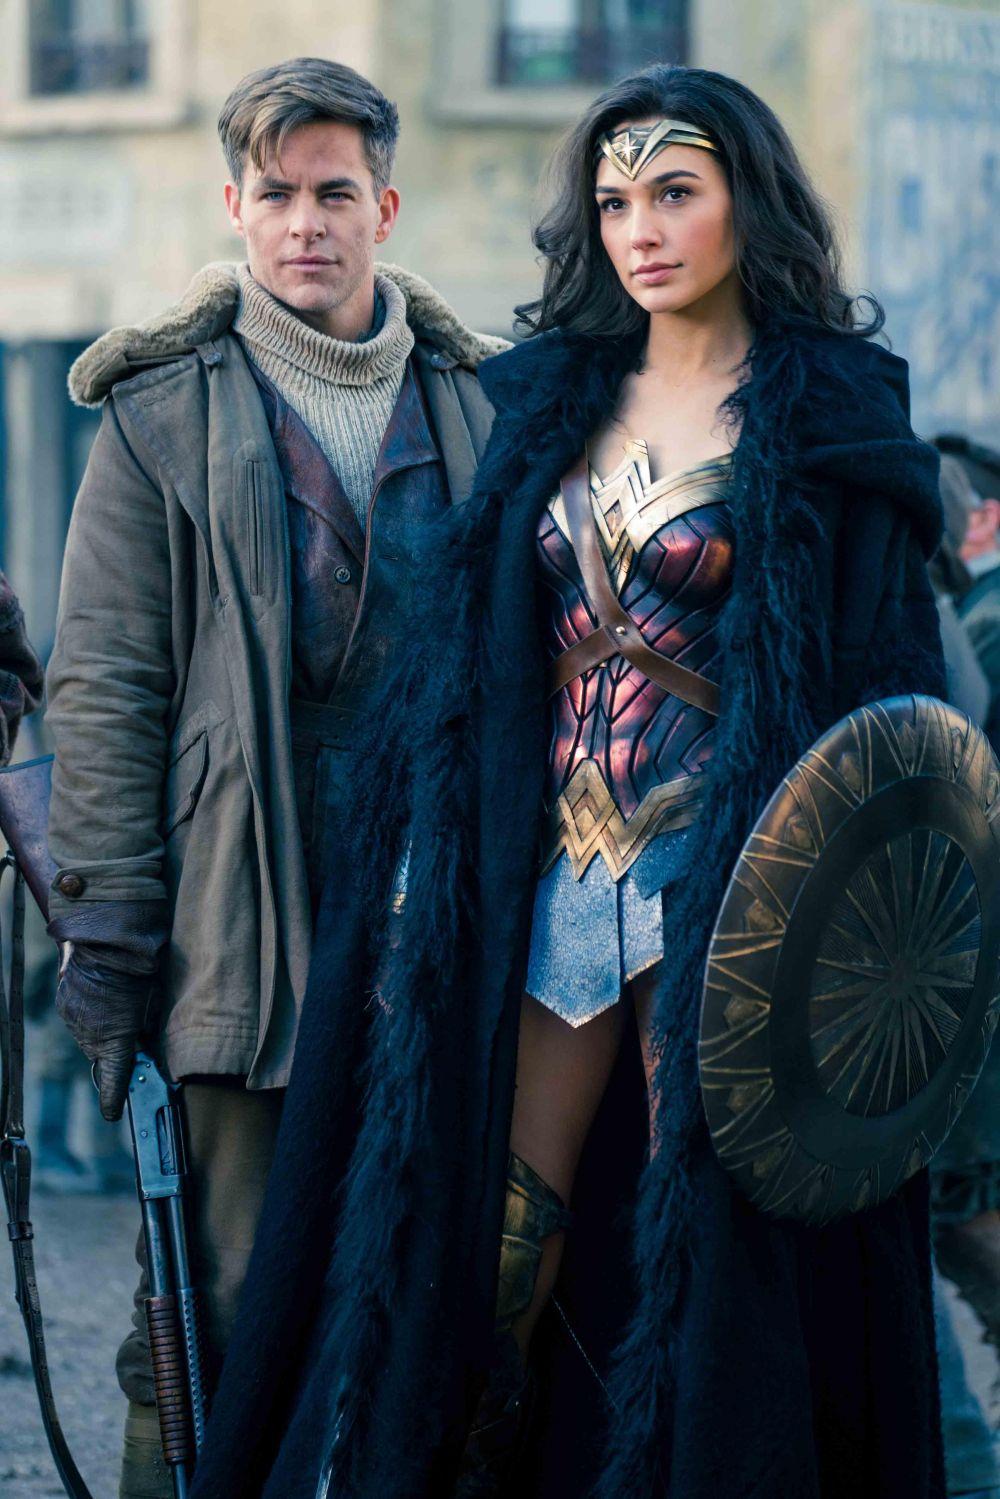 Wonder Woman 2017, Israeli actress Gal Gadot plays Princess Diana